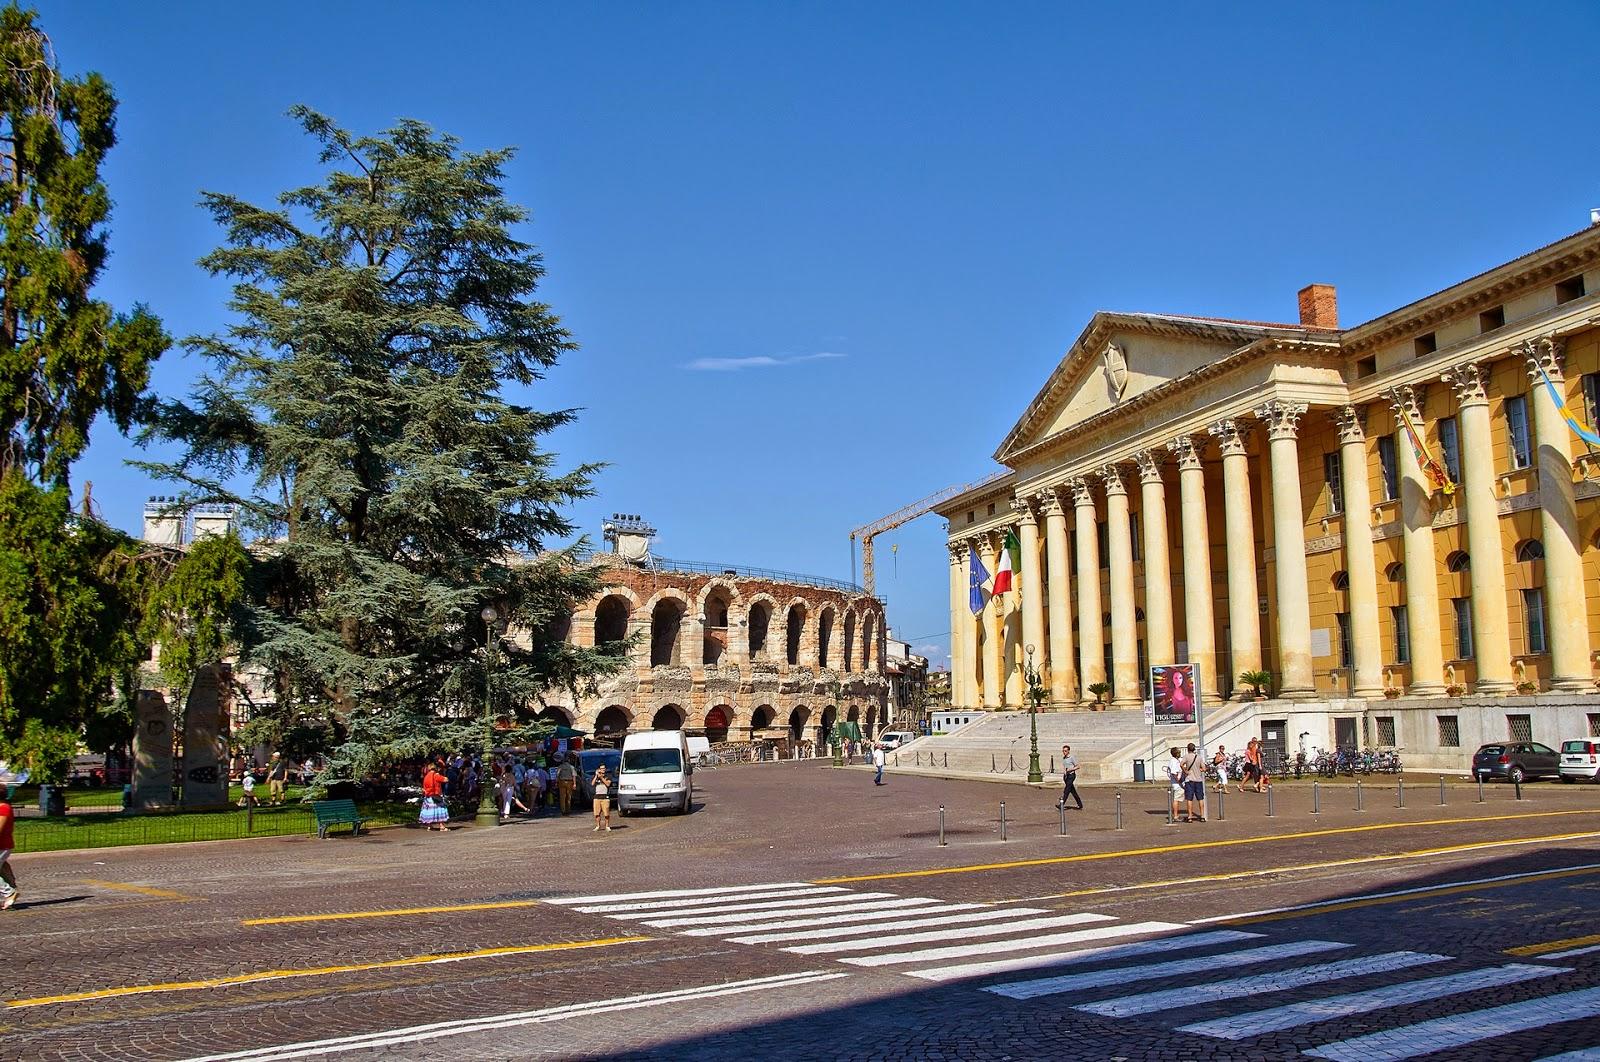 Włochy, Werona, koloseum, amfiteatr